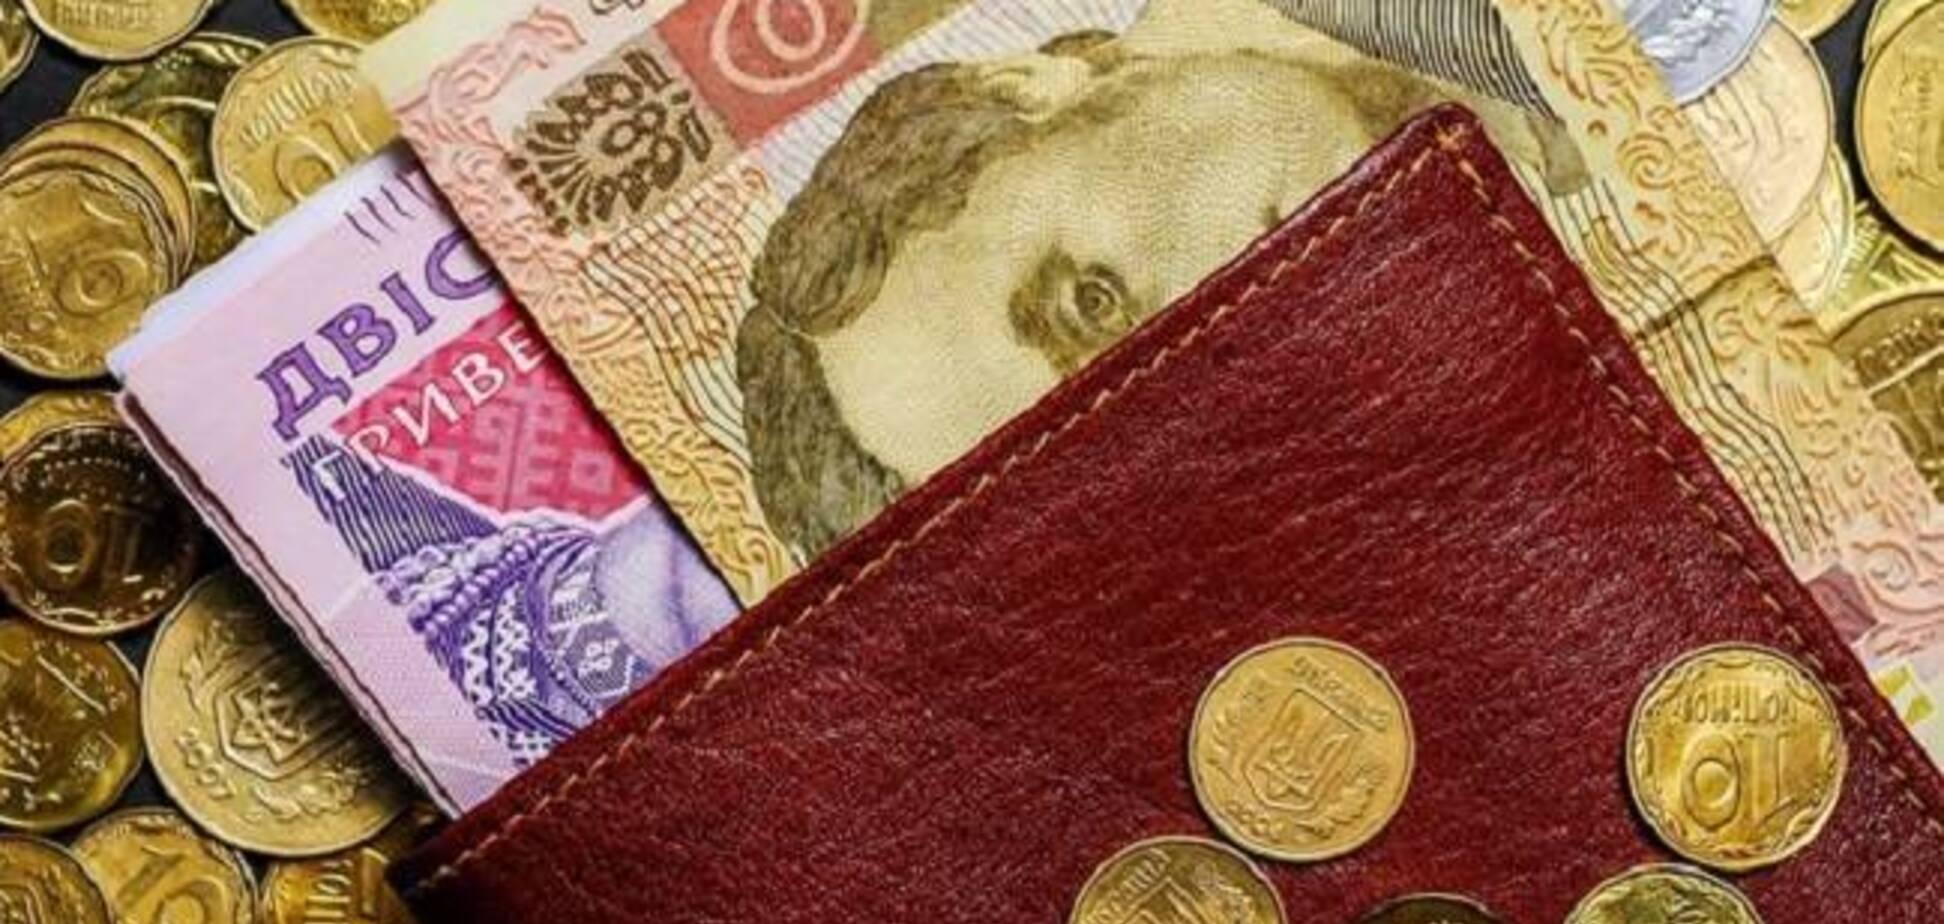 Підвищення пенсій: економіст пояснив, що заважає Україні наздогнати Європу